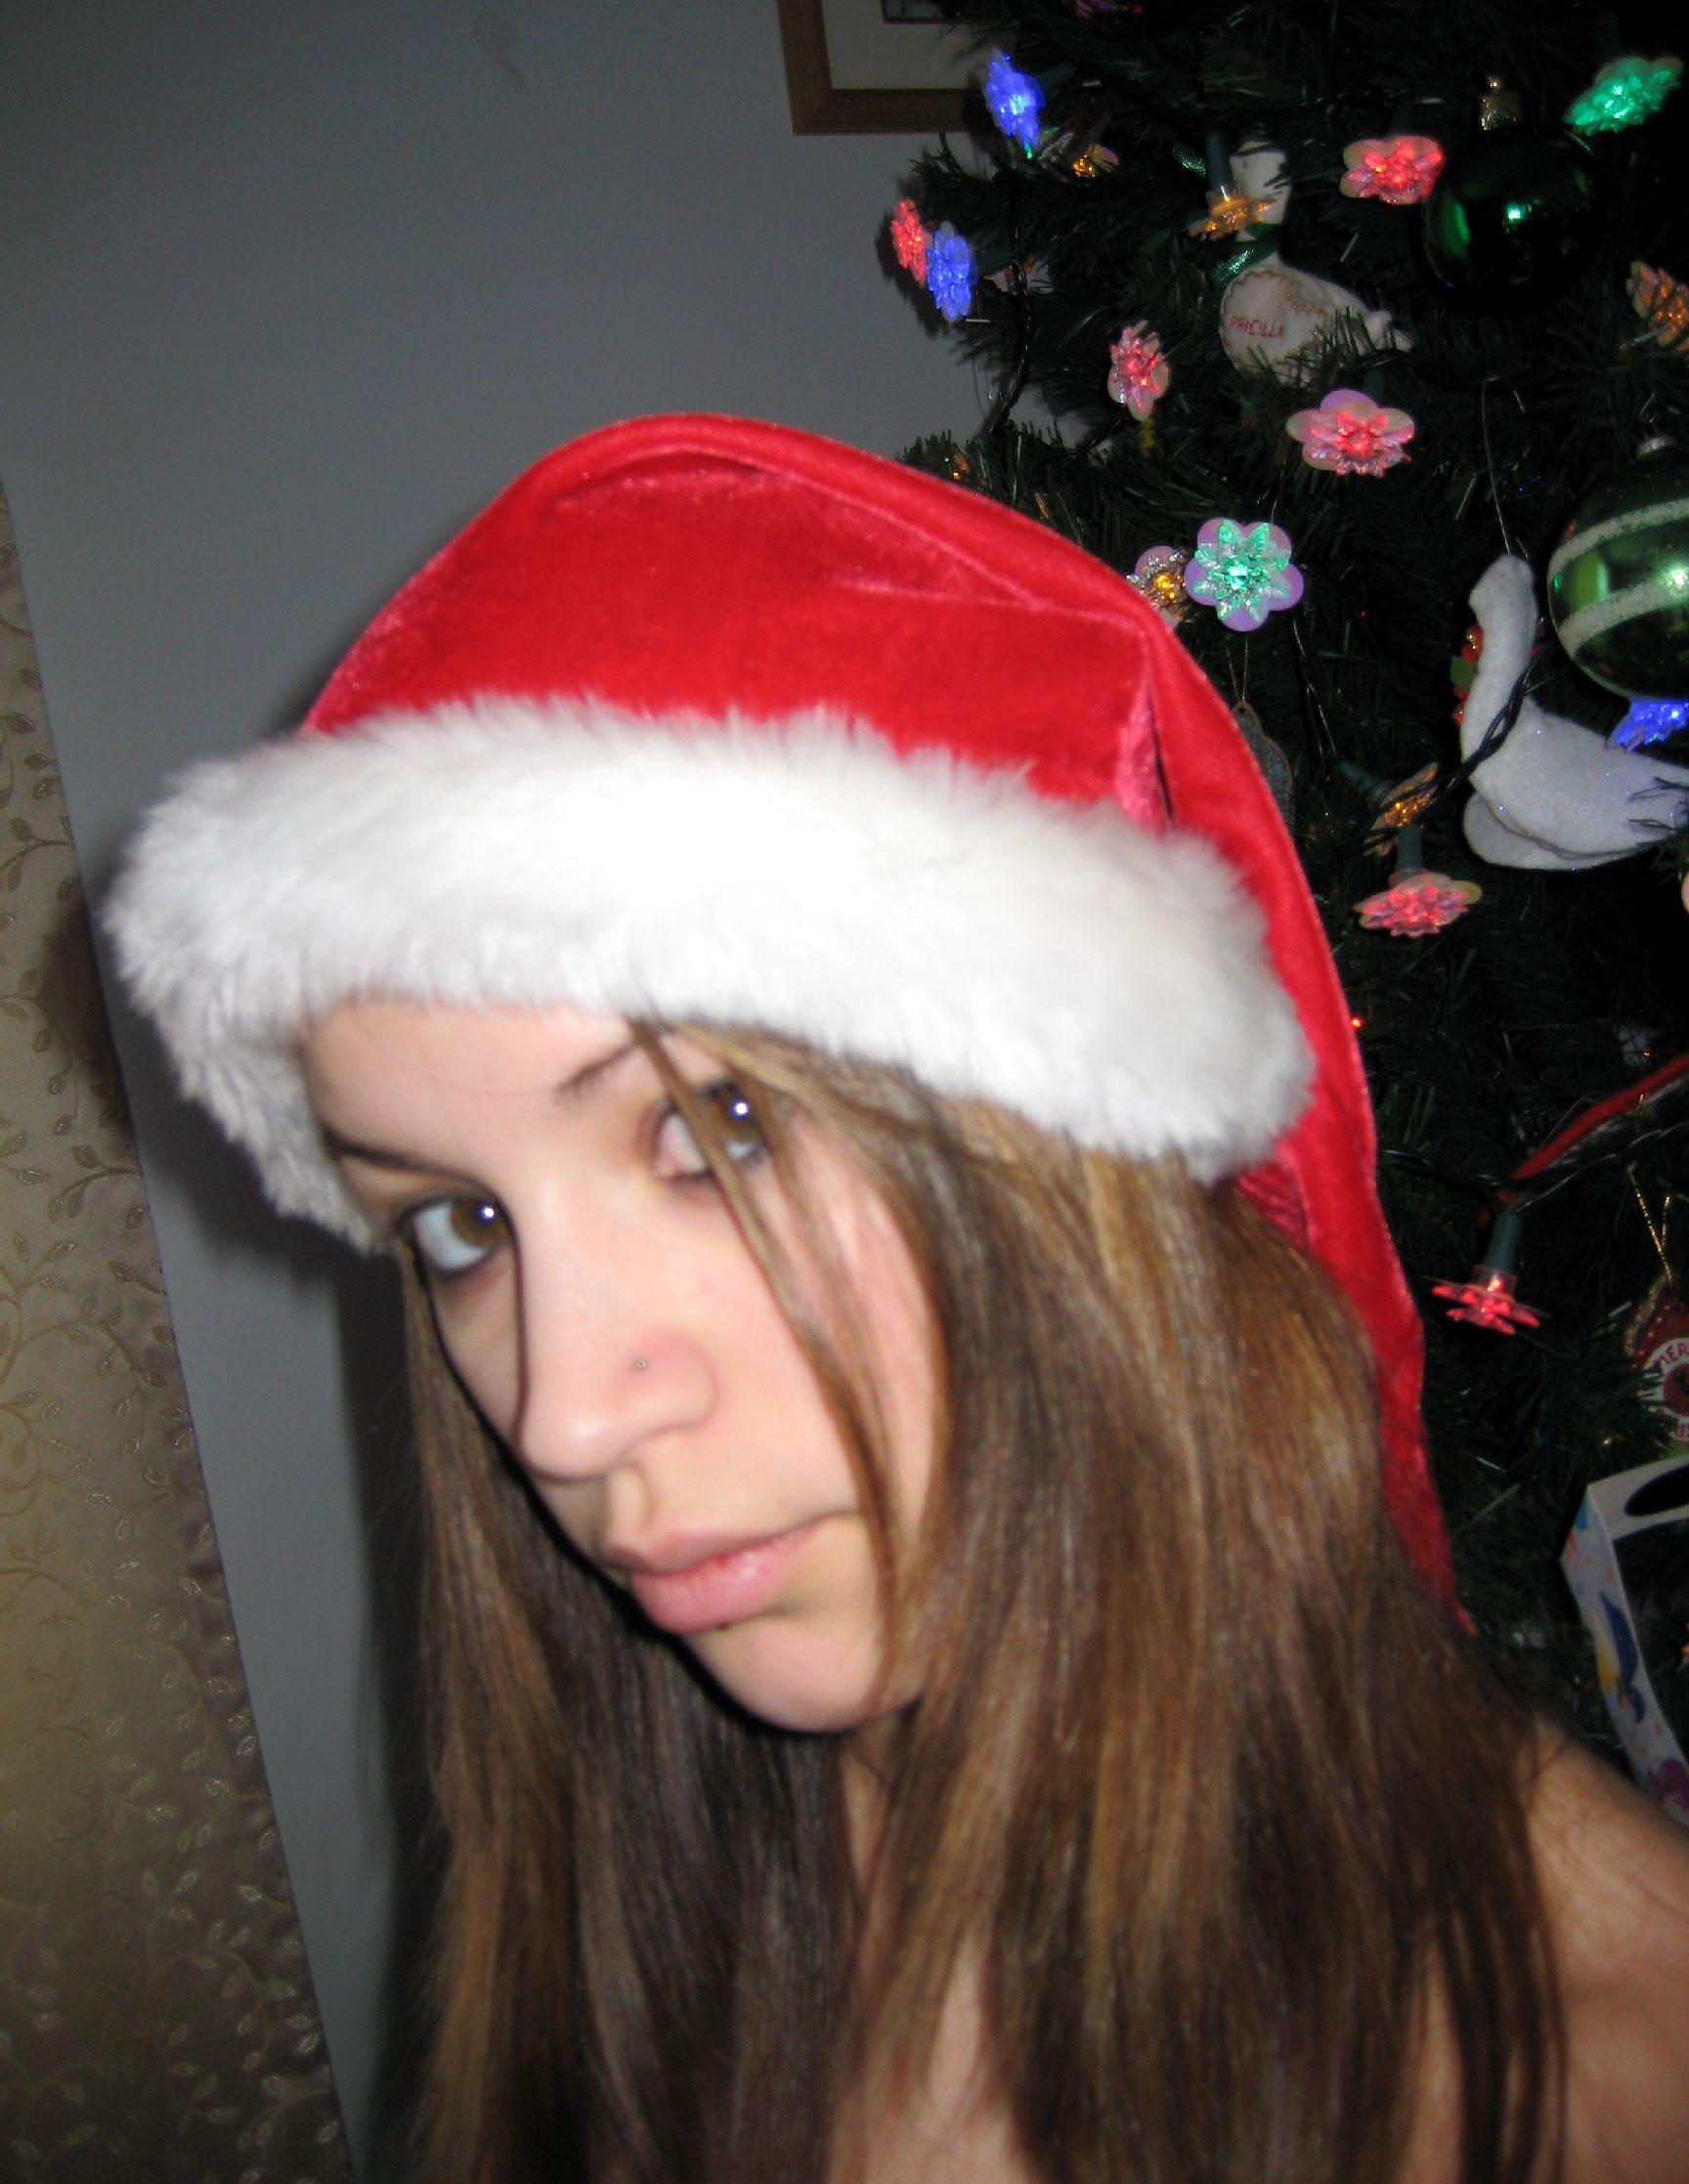 big-boobs-amateur-exgirlfriend-santa-xmas-nude-34